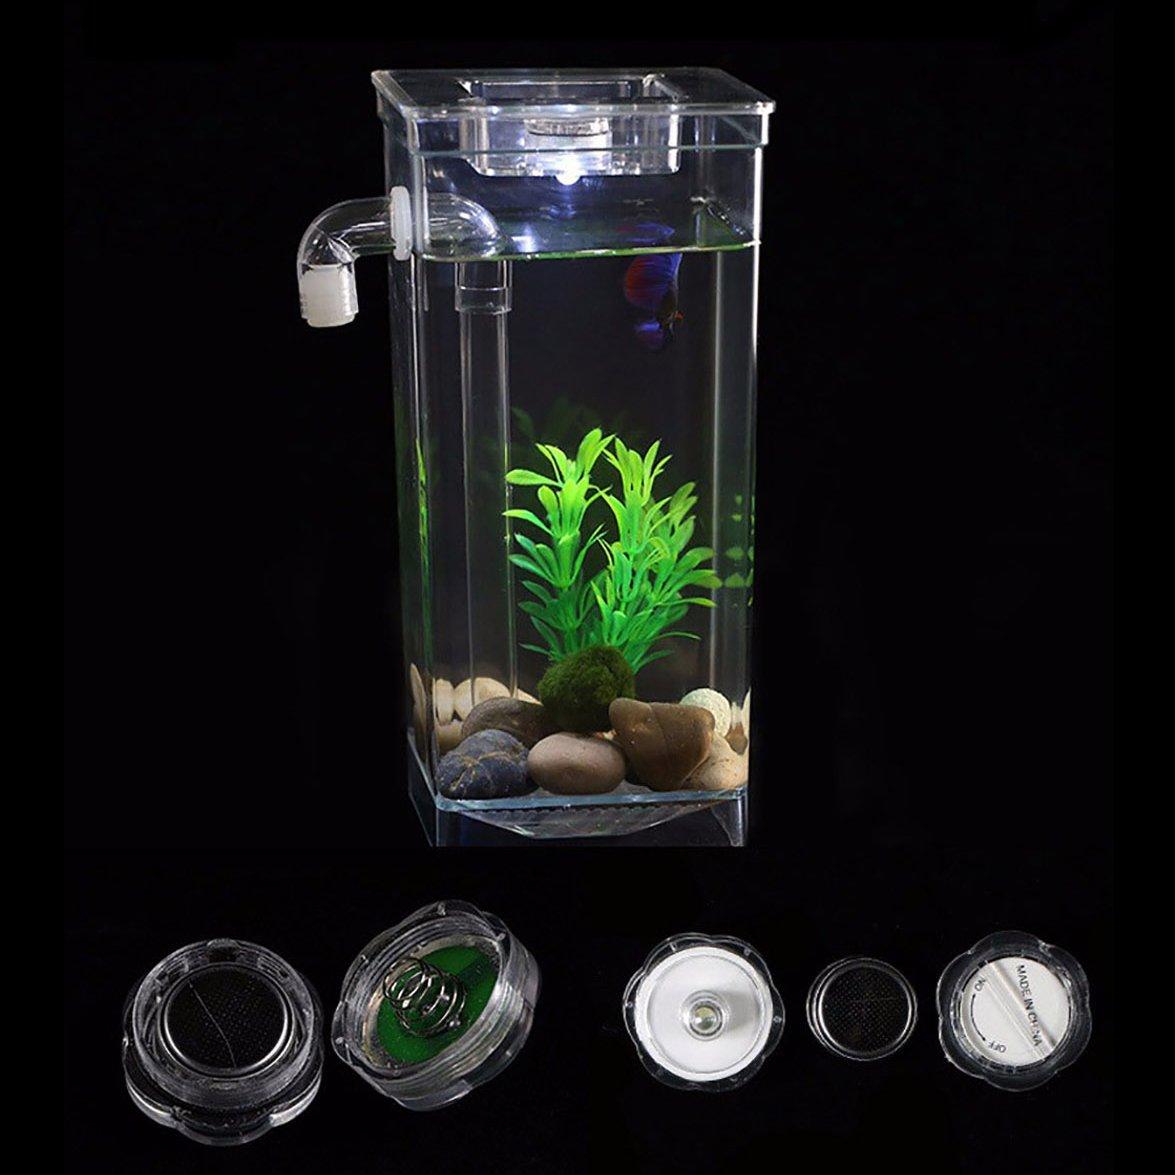 Legendog Pequeño Acuario de Peces Acuario Automático Cambio de Agua Tanque de Acuario Tanque de Plástico con Luz LED: Amazon.es: Productos para mascotas